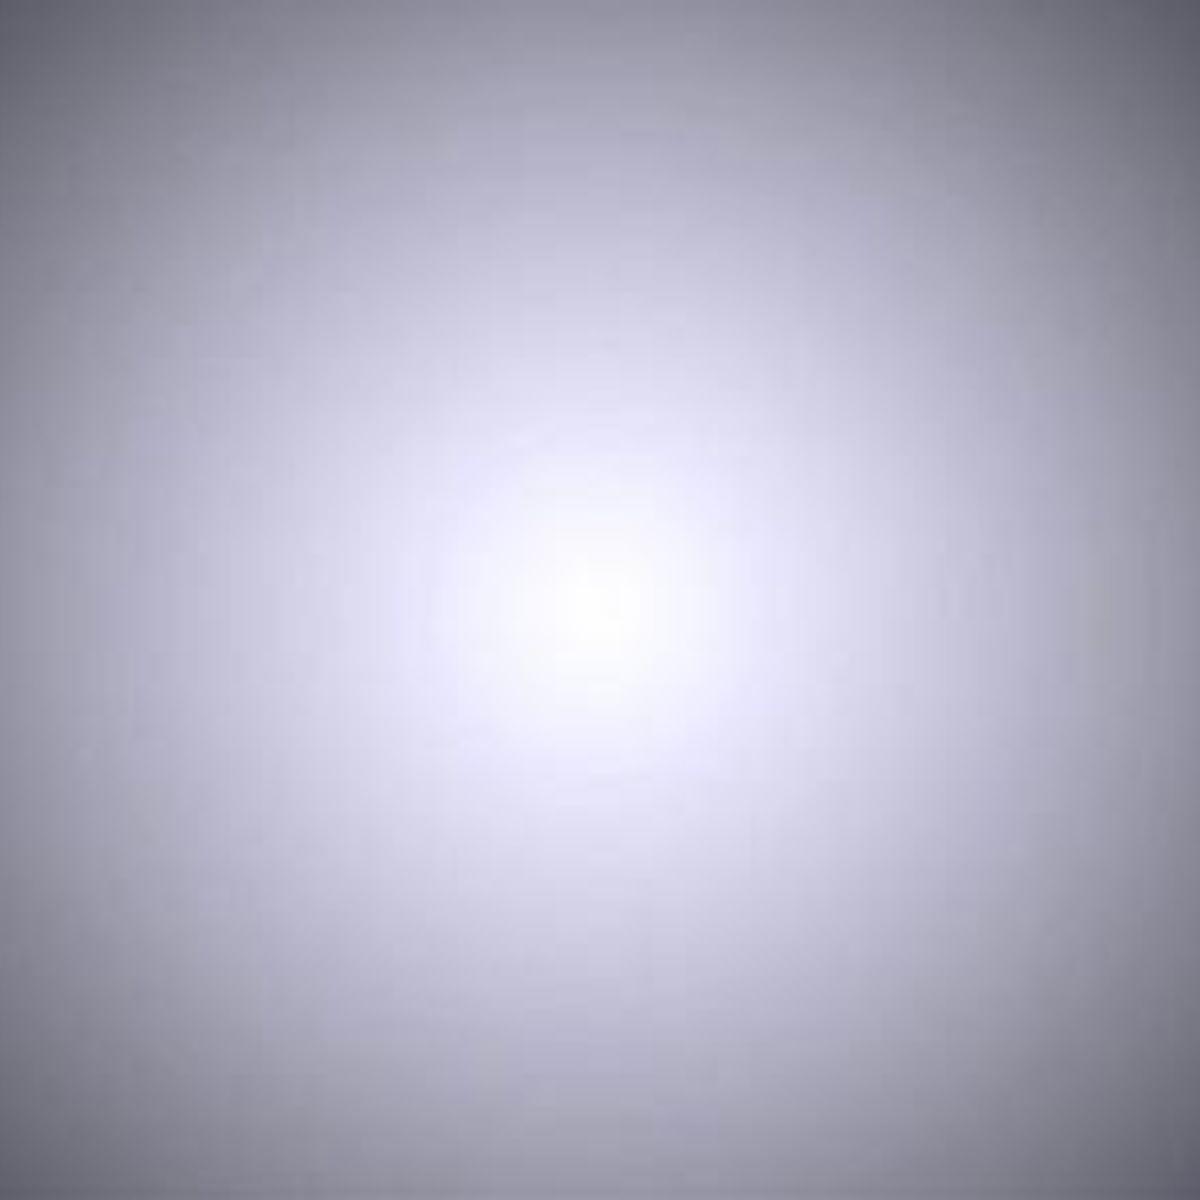 m_Hyperspace011513.jpg